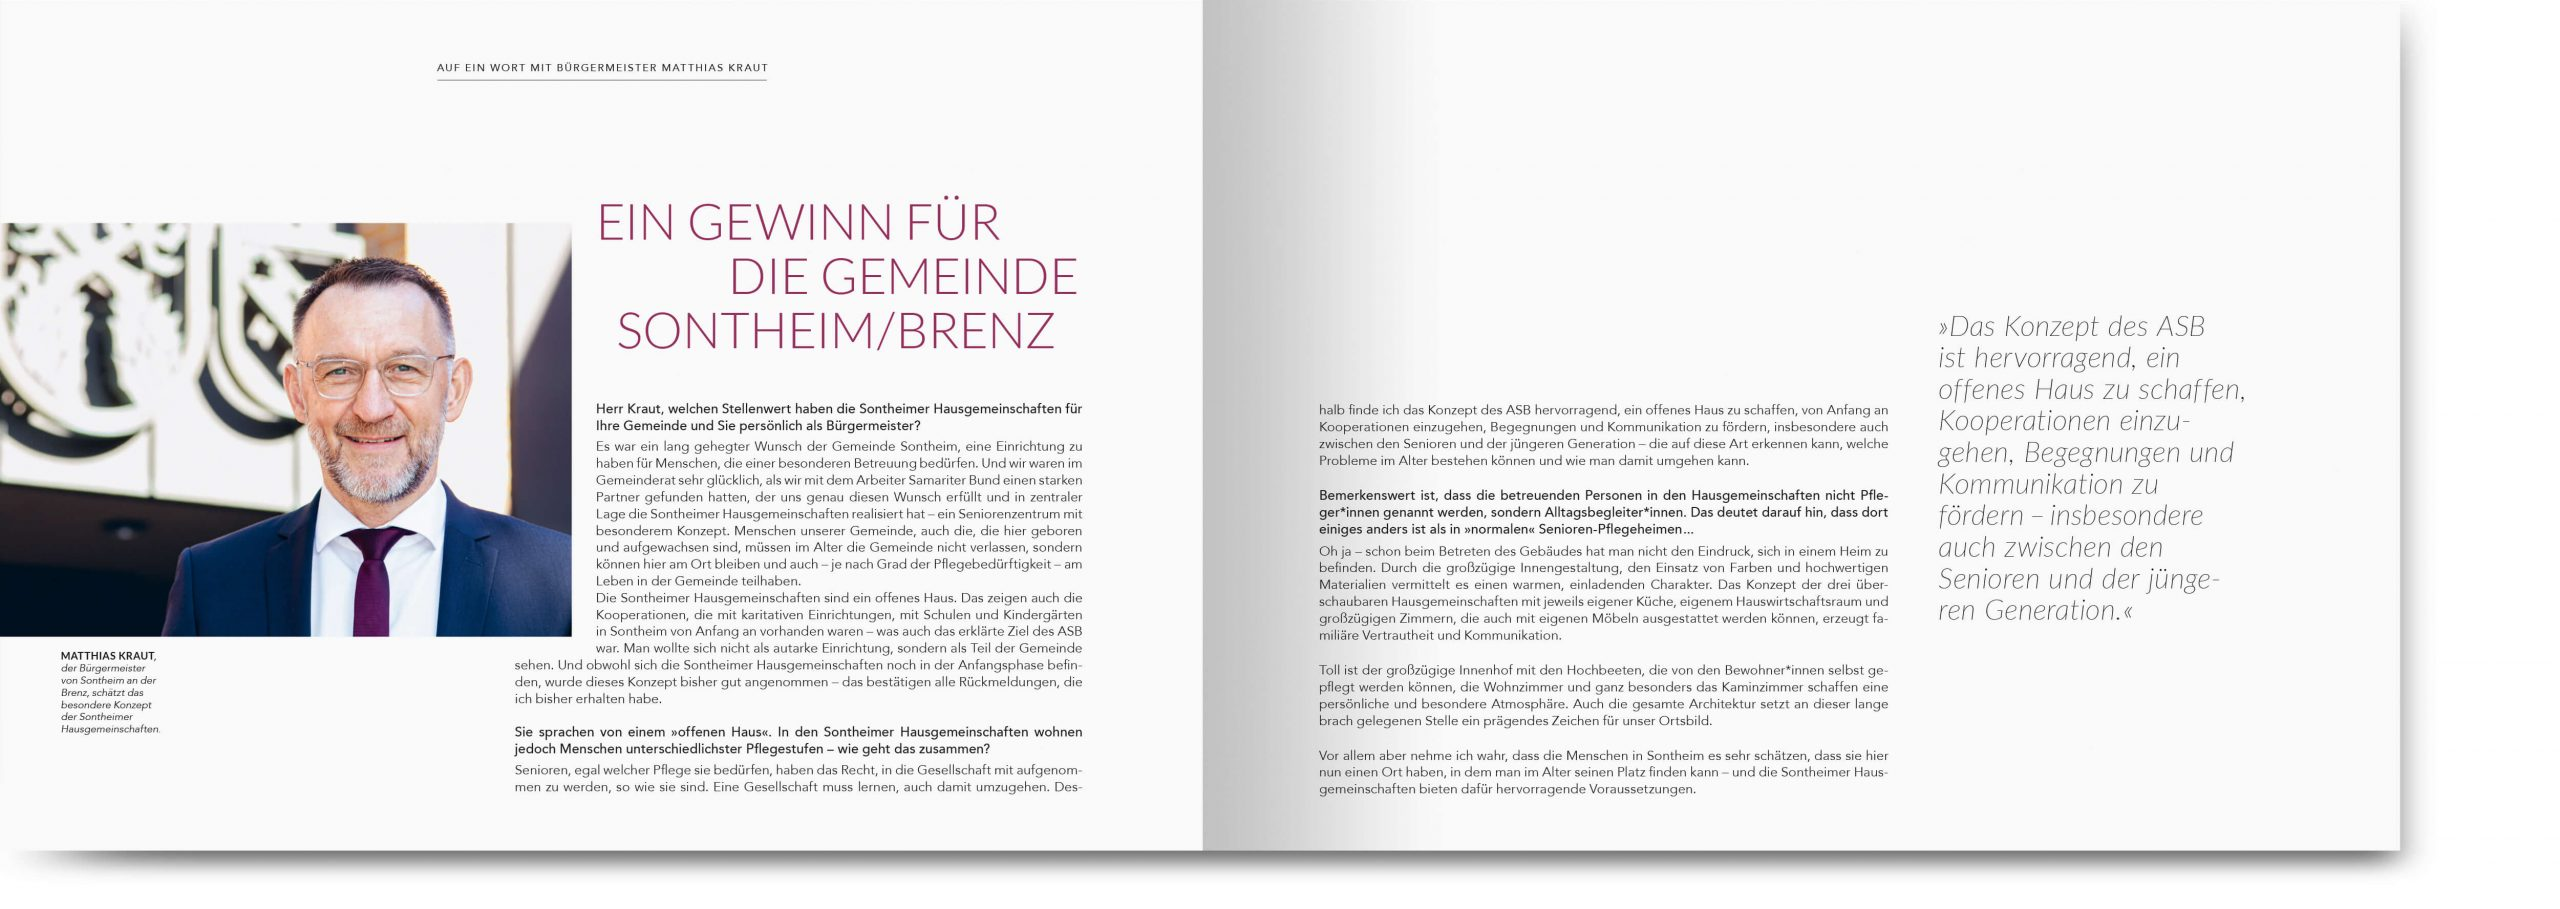 fh-web-asb-broschüren-sontheim-2-scaled.jpg